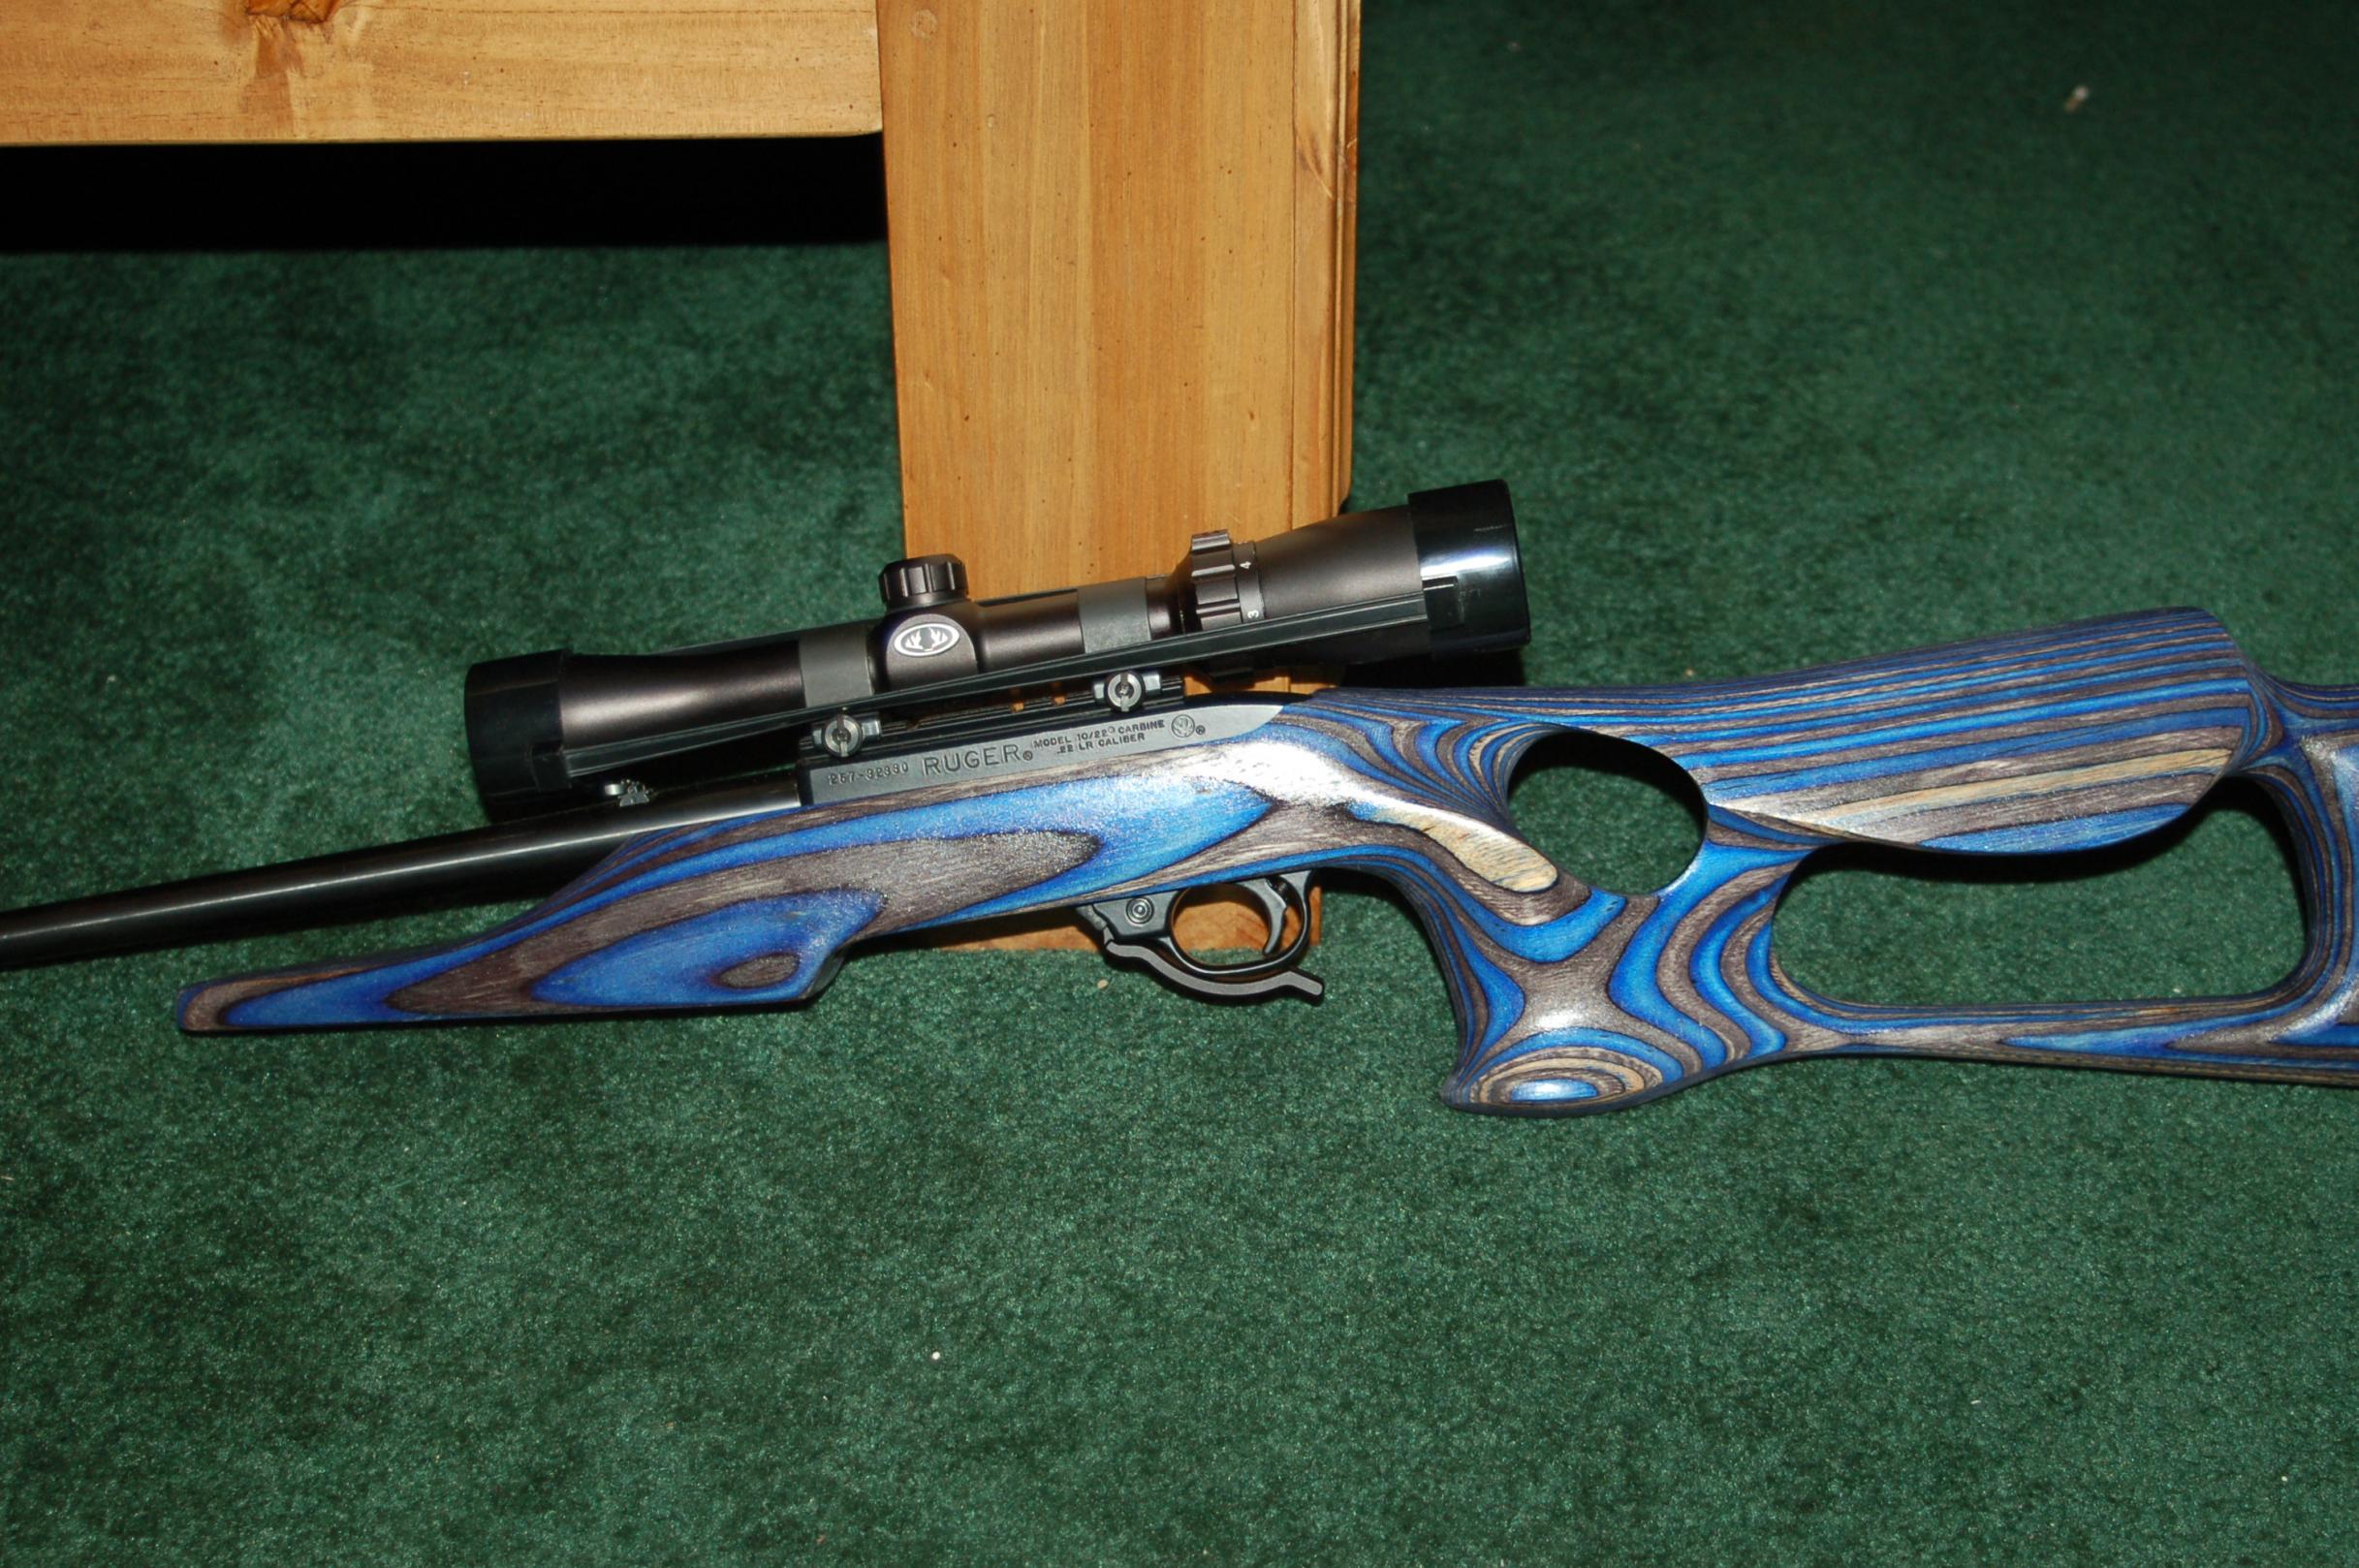 gun stock refinishing-1022-001.jpg